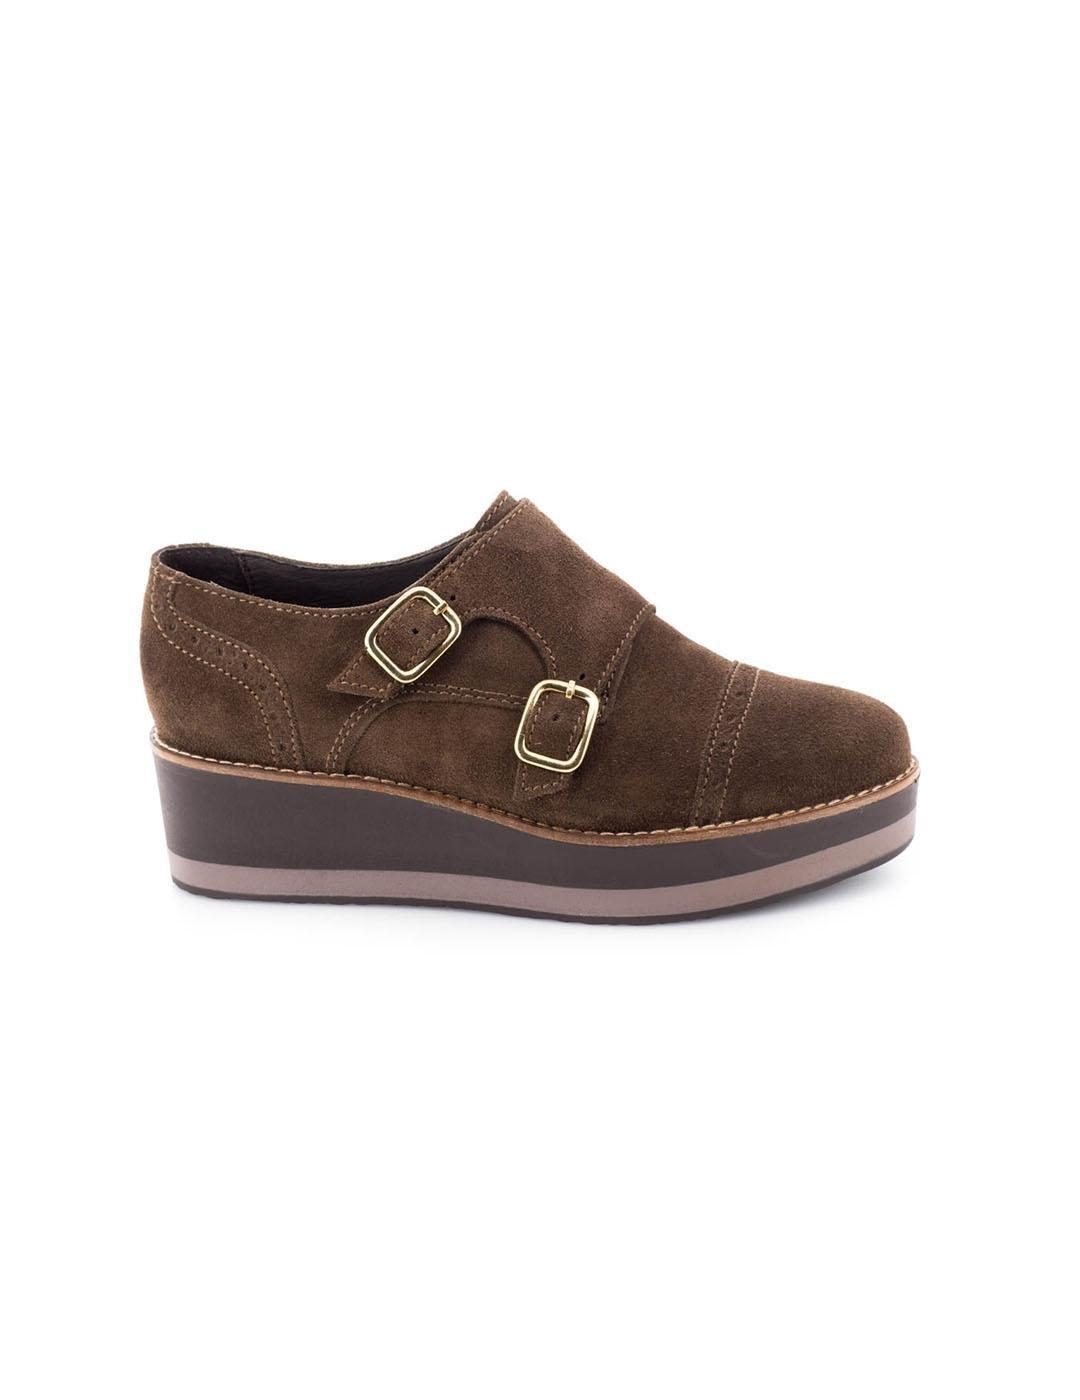 VEXED Zapato Piel Marron 3644 39 EU|Castaño